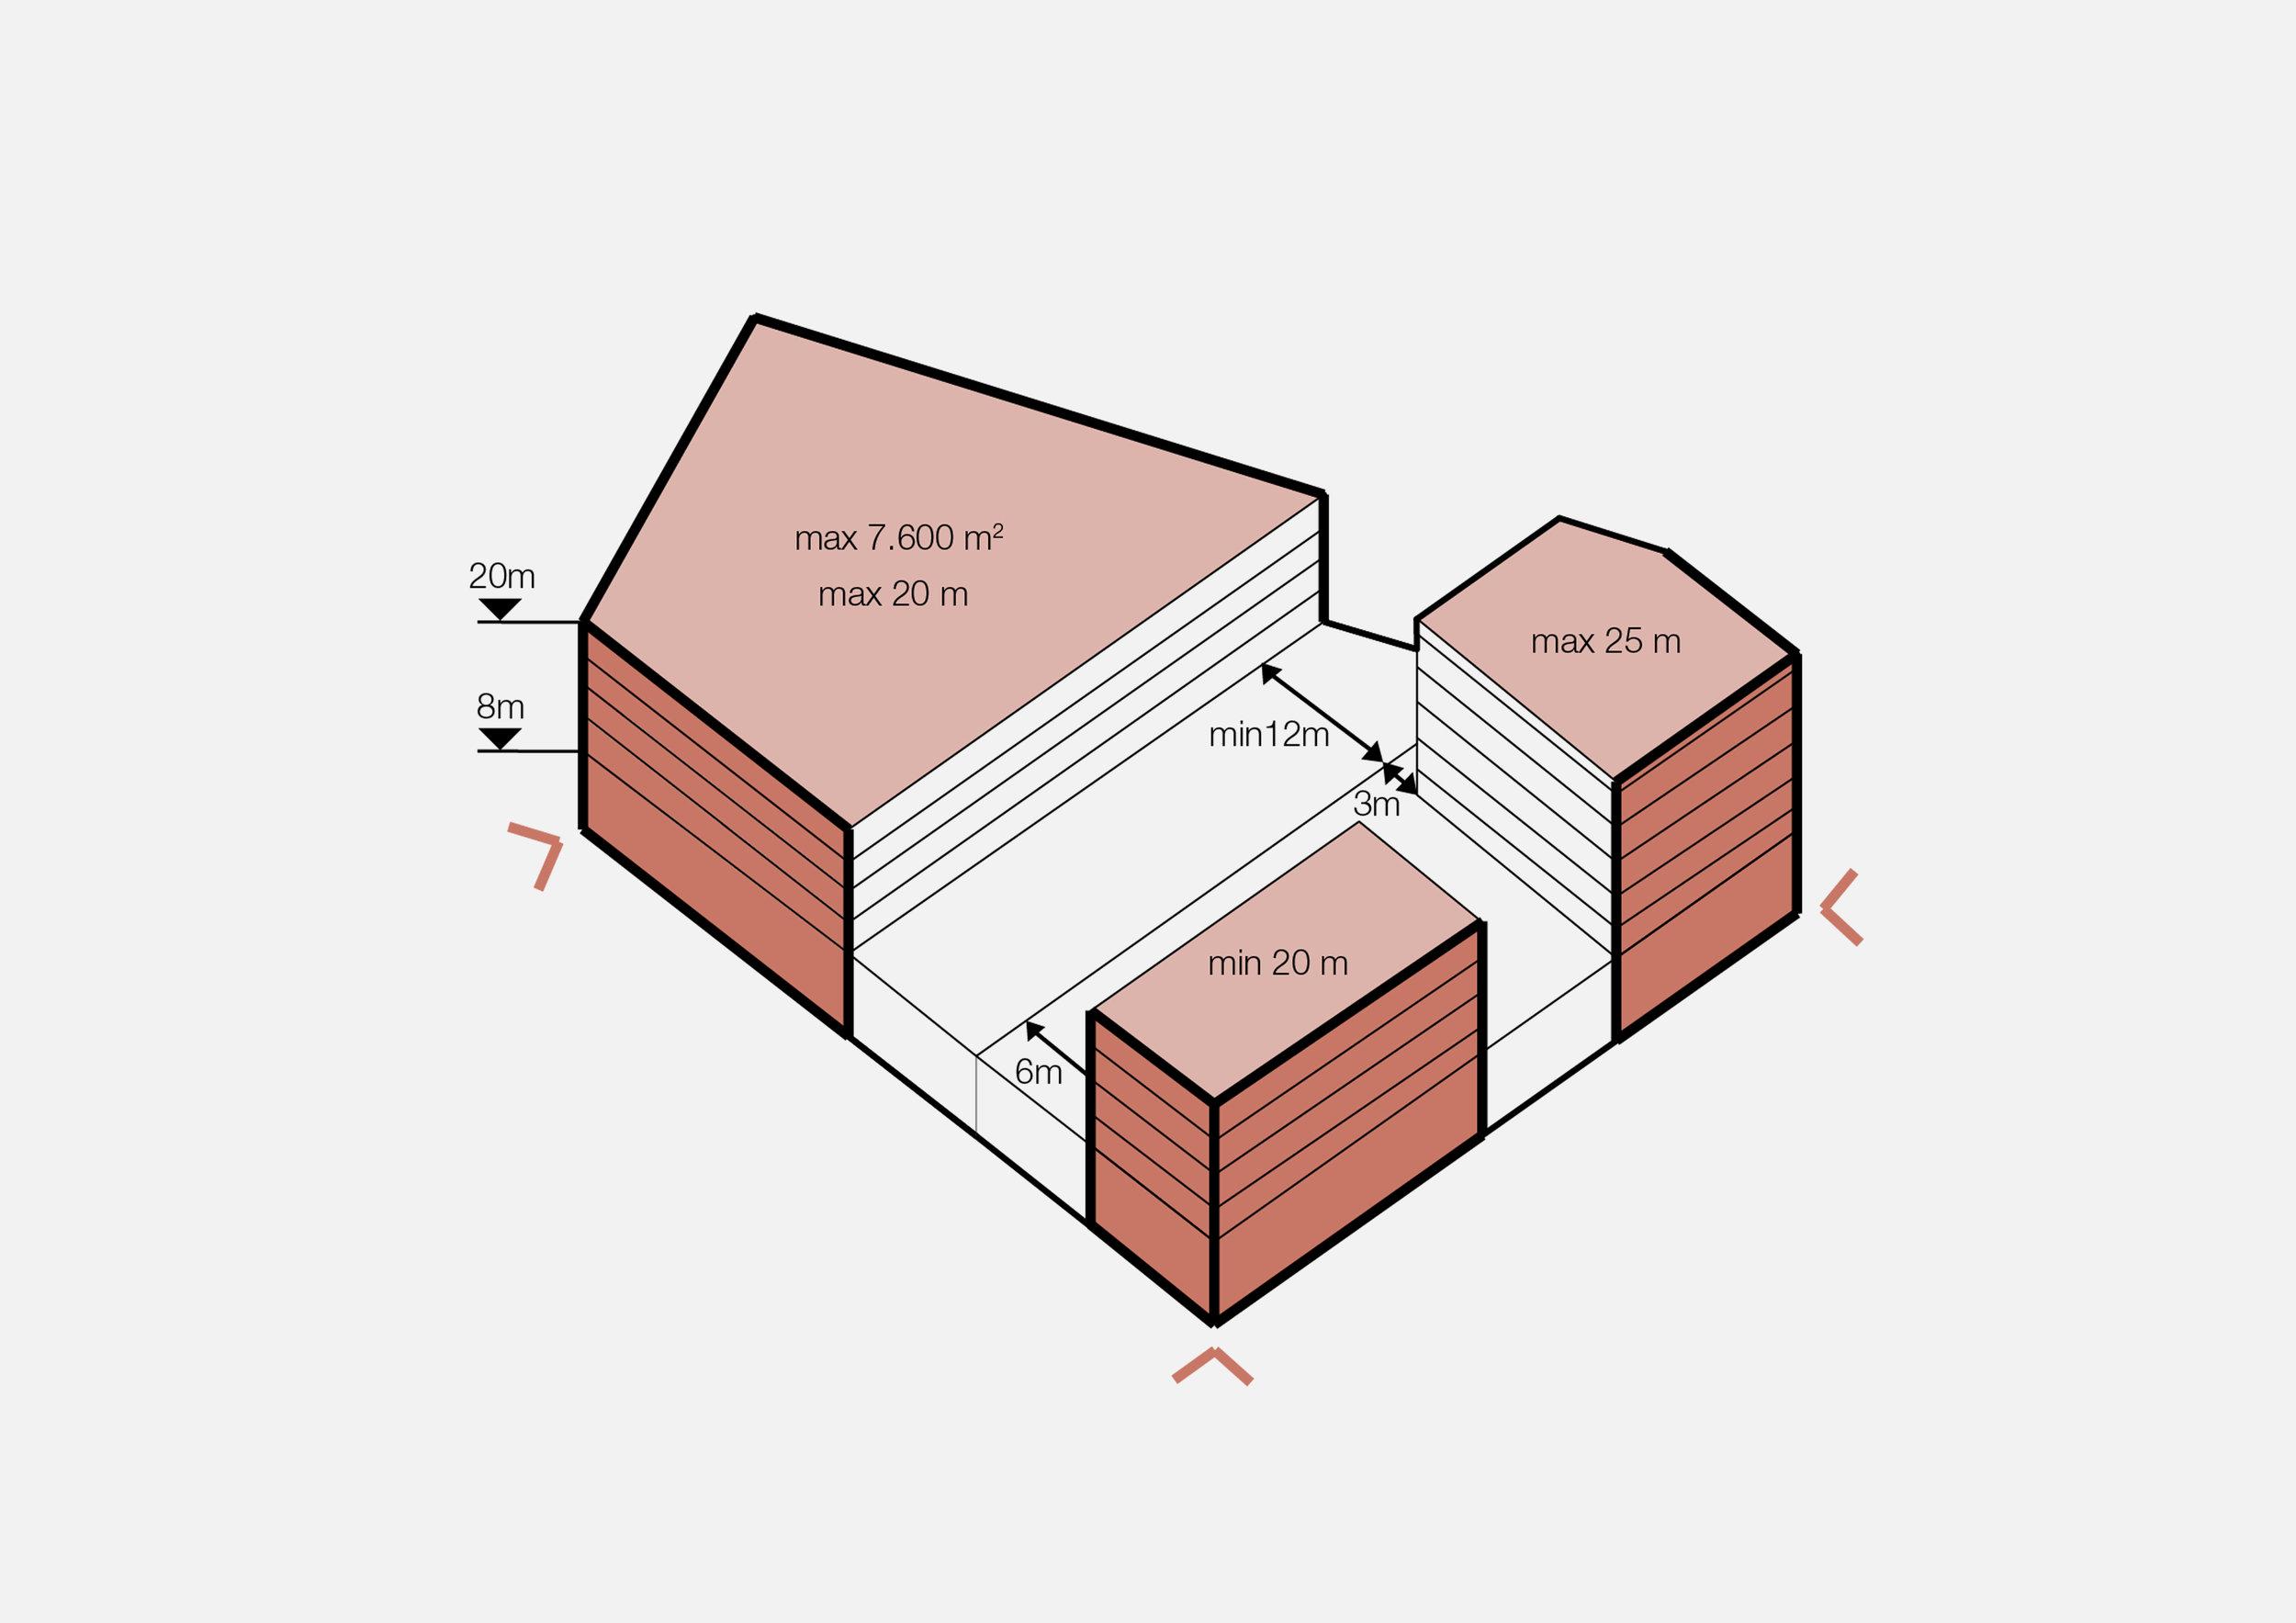 Building envelop rules